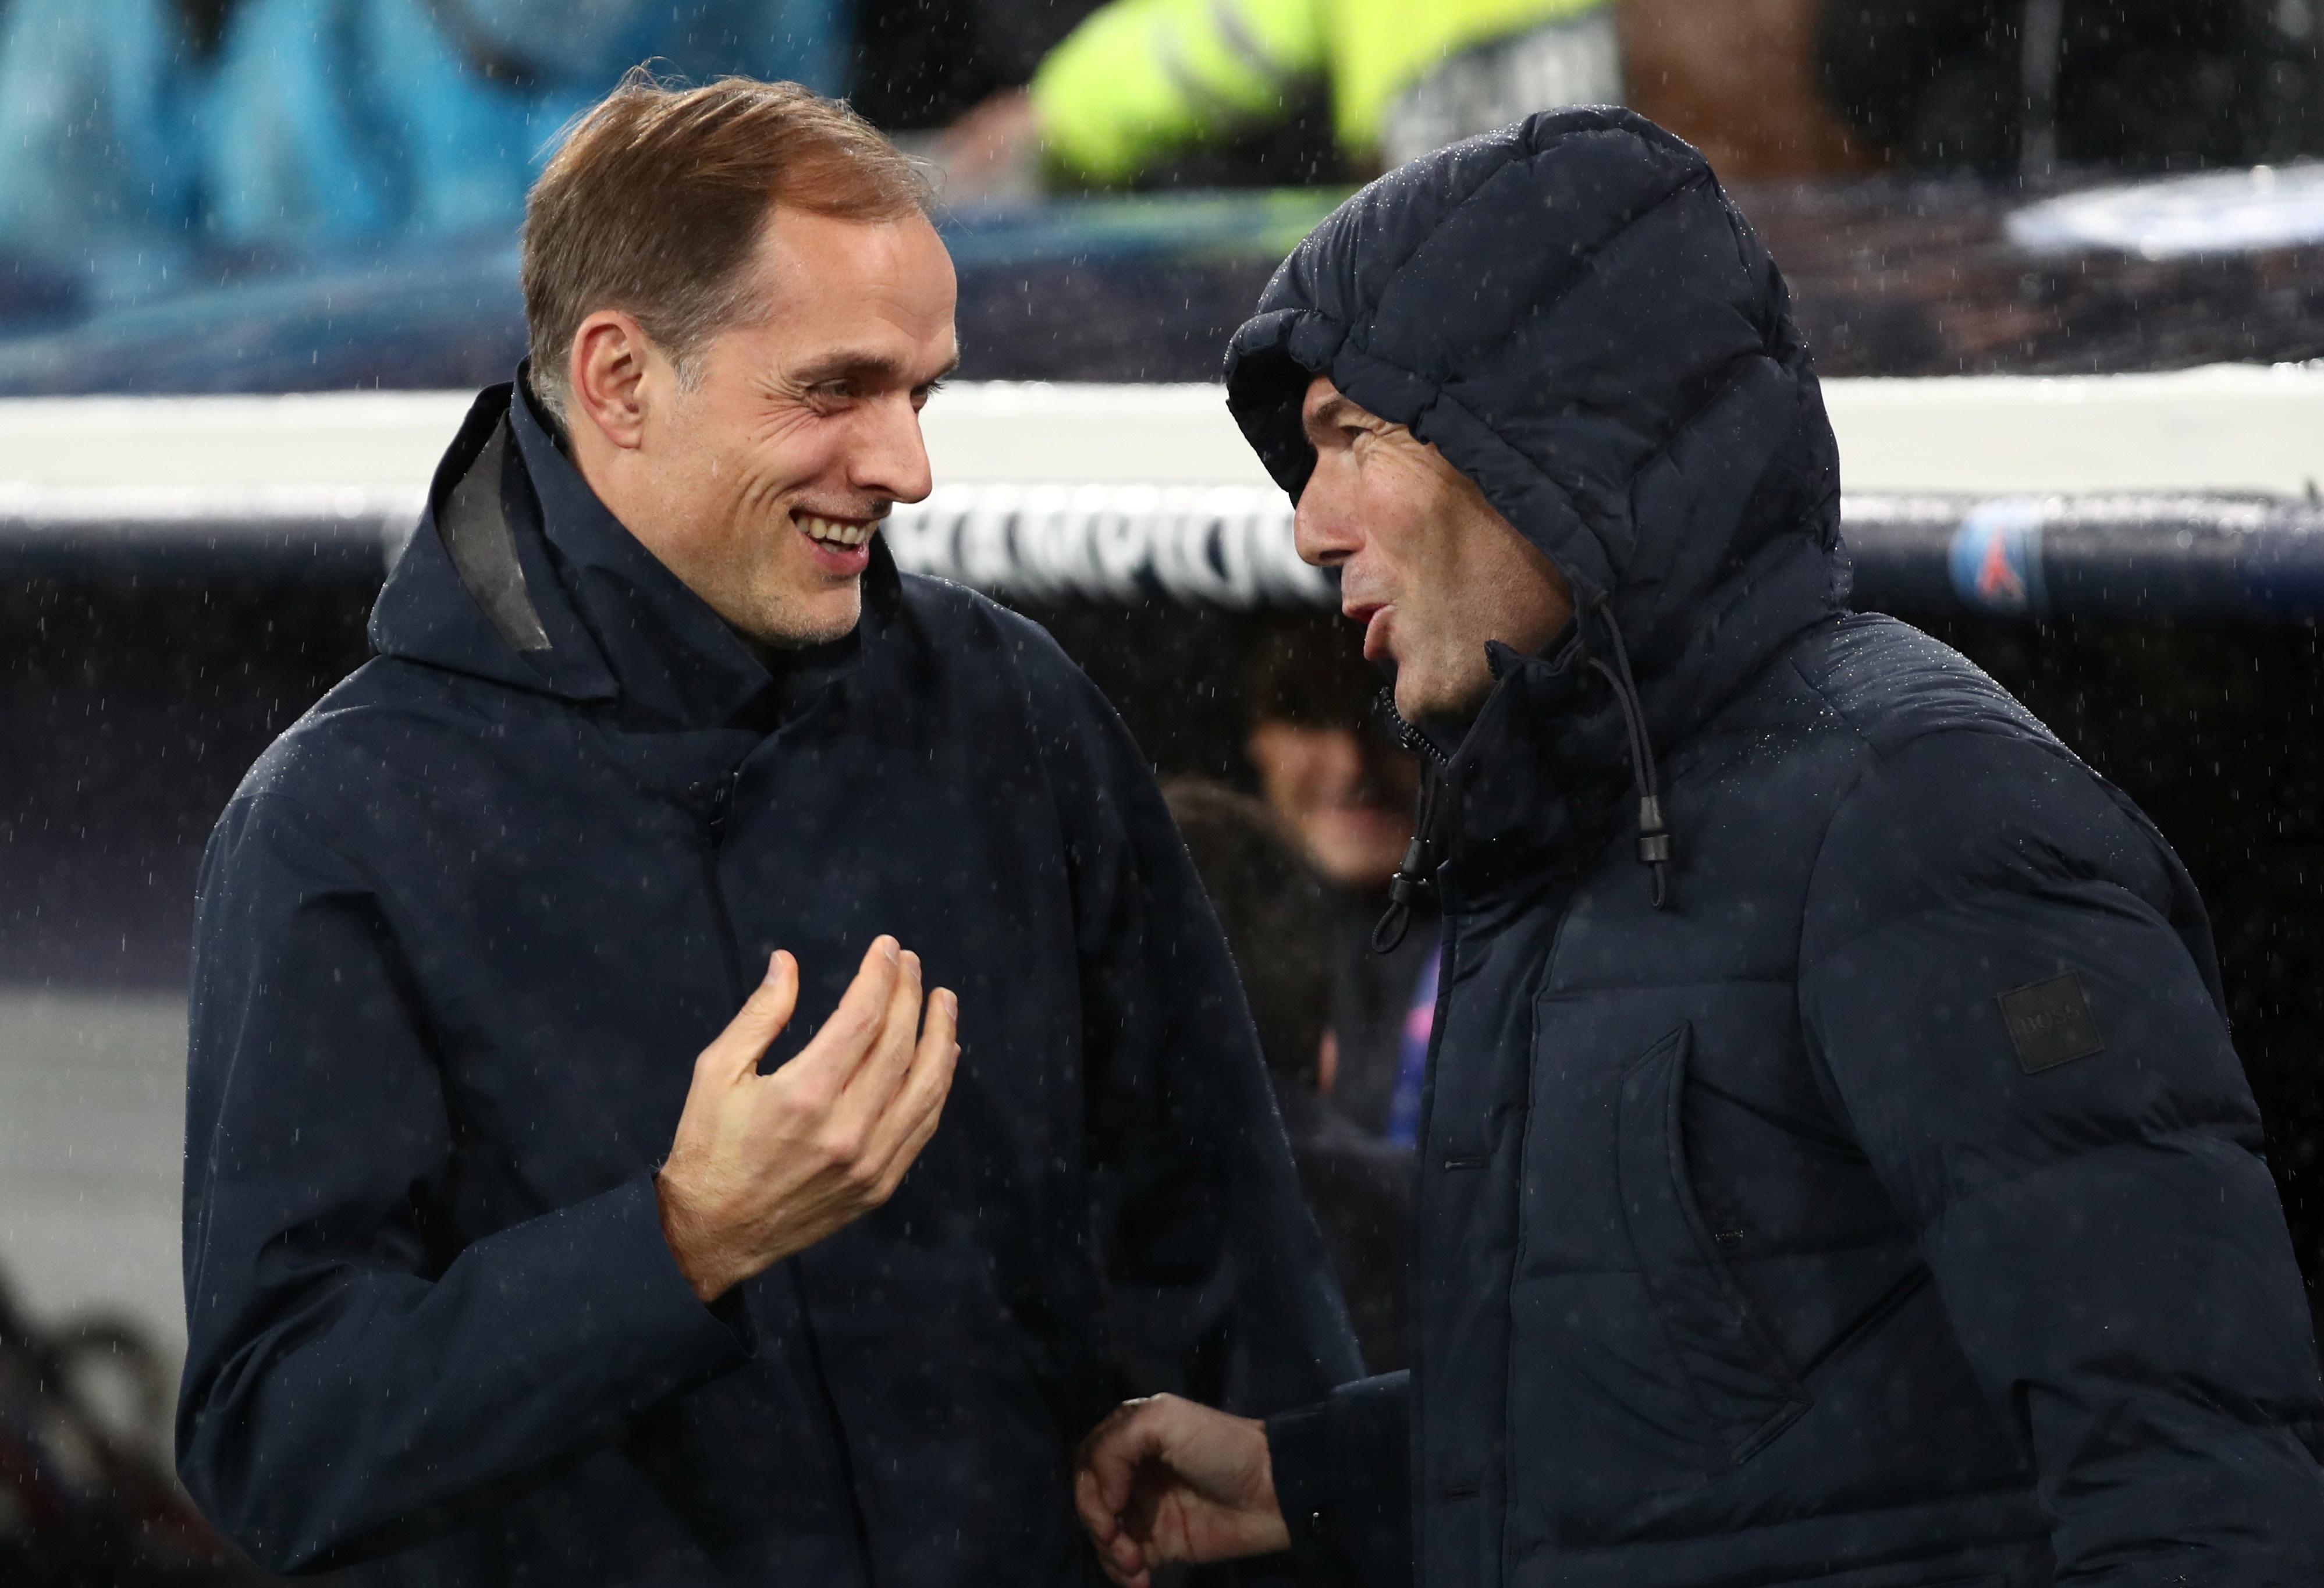 http://sport24.lefigaro.fr/var/plain_site/storage/images/football/ligue-des-champions/actualites/real-madrid-chelsea-comment-zidane-et-tuchel-sont-passes-de-parias-a-incontournables-1041979/28271369-1-fre-FR/Real-Madrid-Chelsea-comment-Zidane-et-Tuchel-sont-passes-de-parias-a-incontournables.jpg